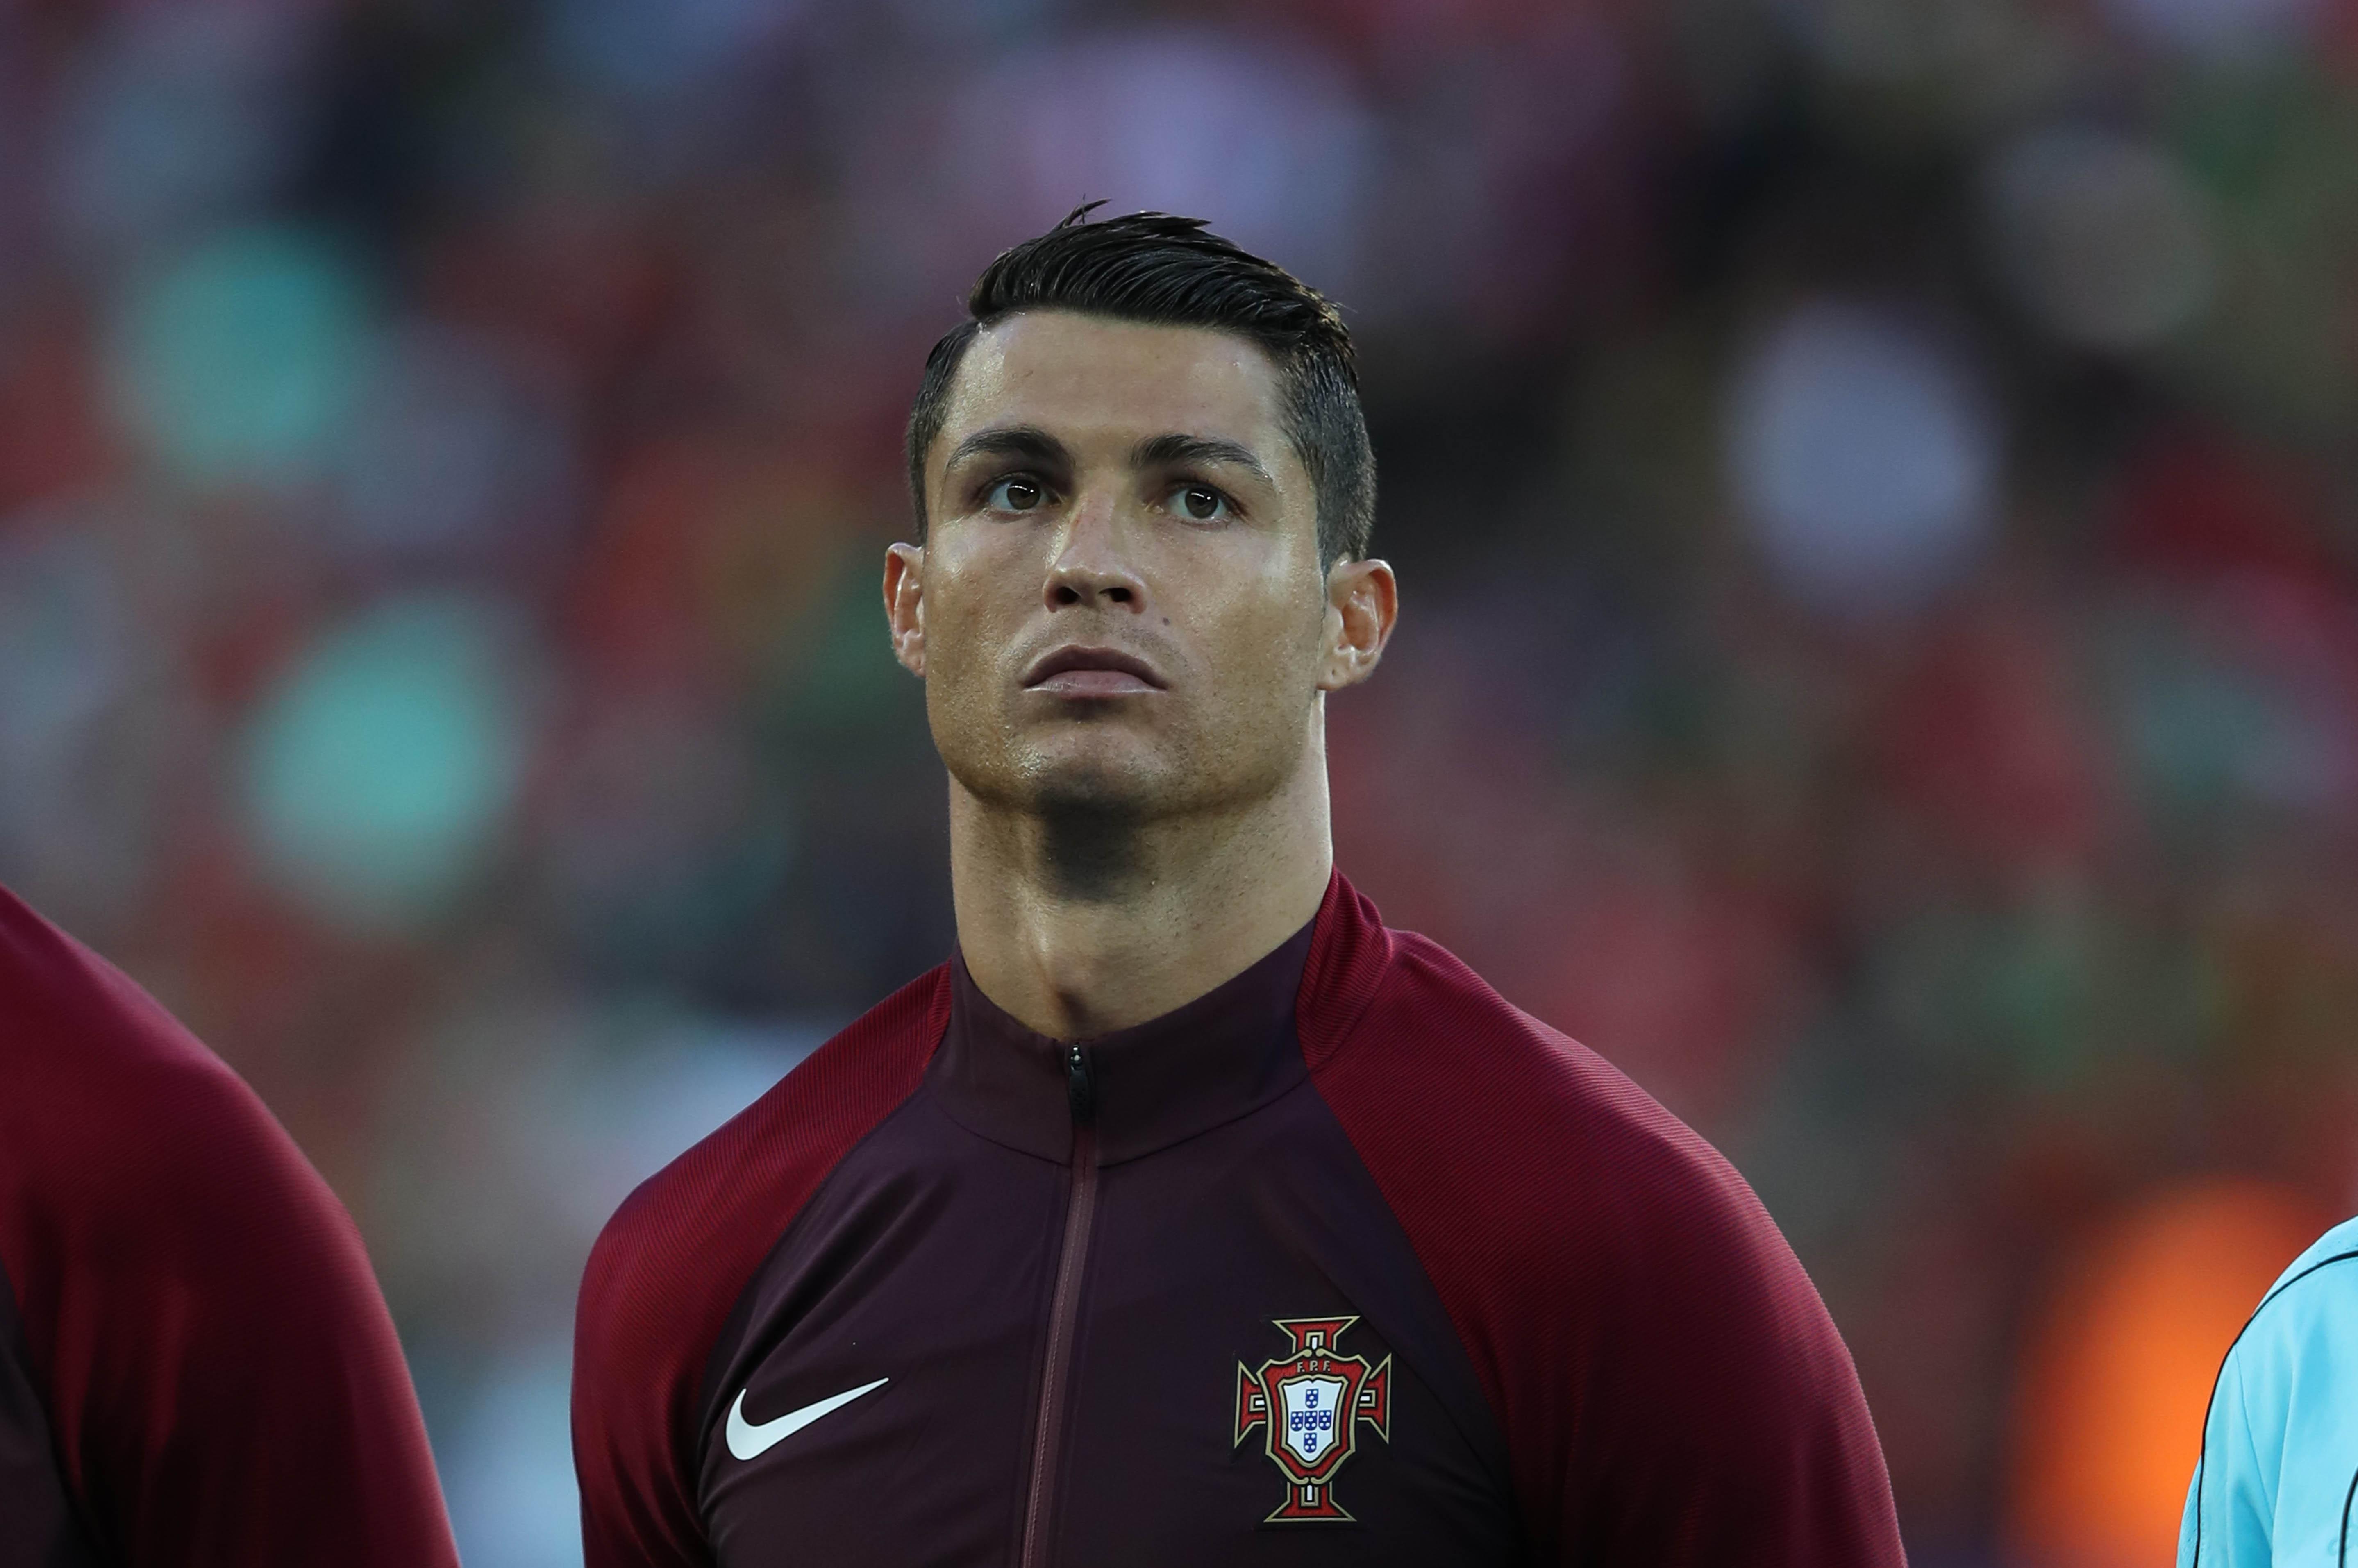 Ninguém se pode comparar comigo, ninguém mais será Cristiano Ronaldo